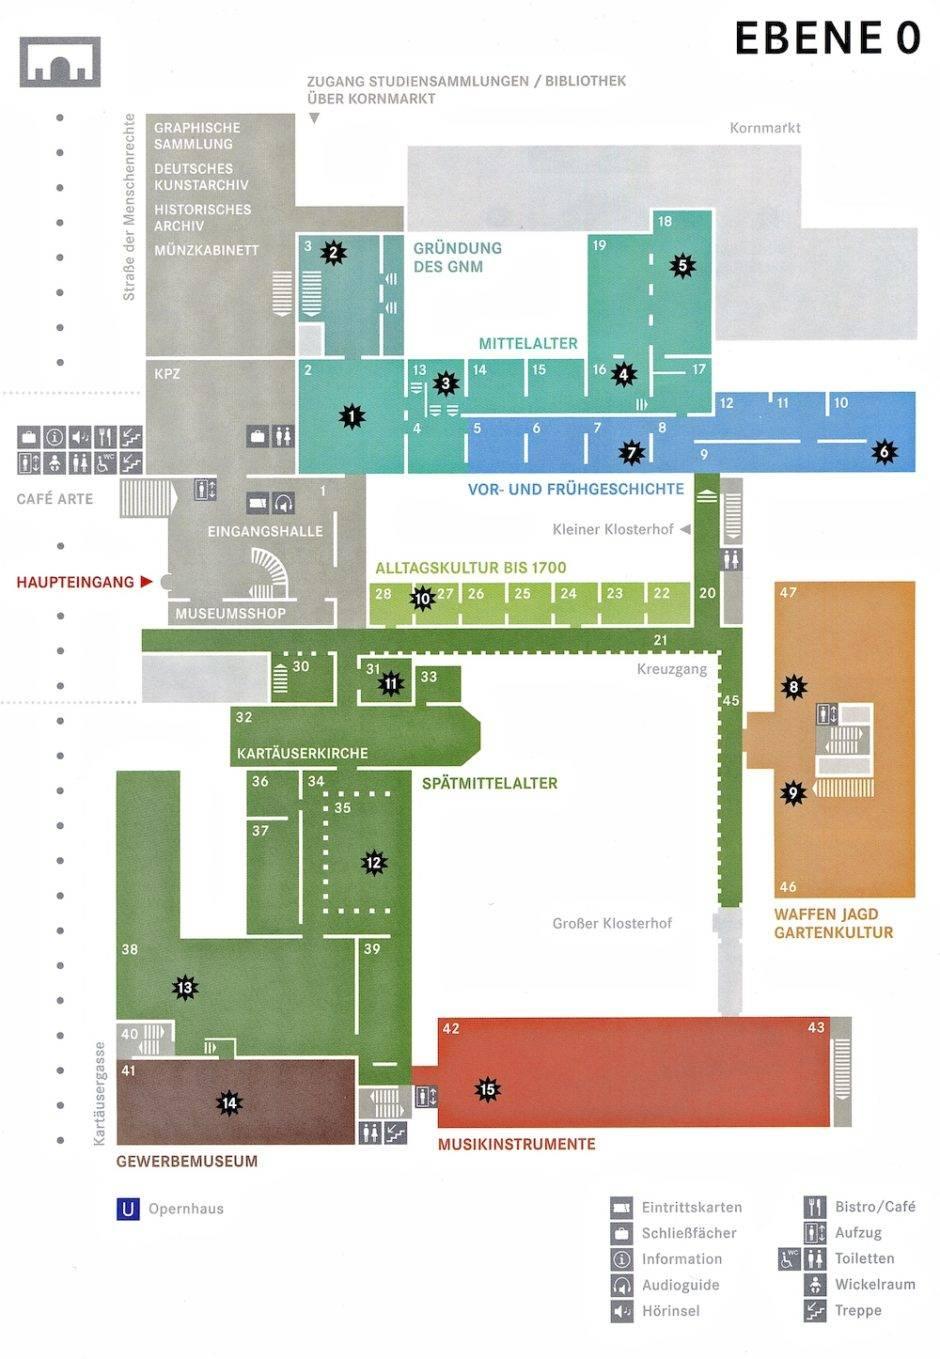 План нулевого (по-немецки) этажа Германского Национального Музея в Нюрнберге